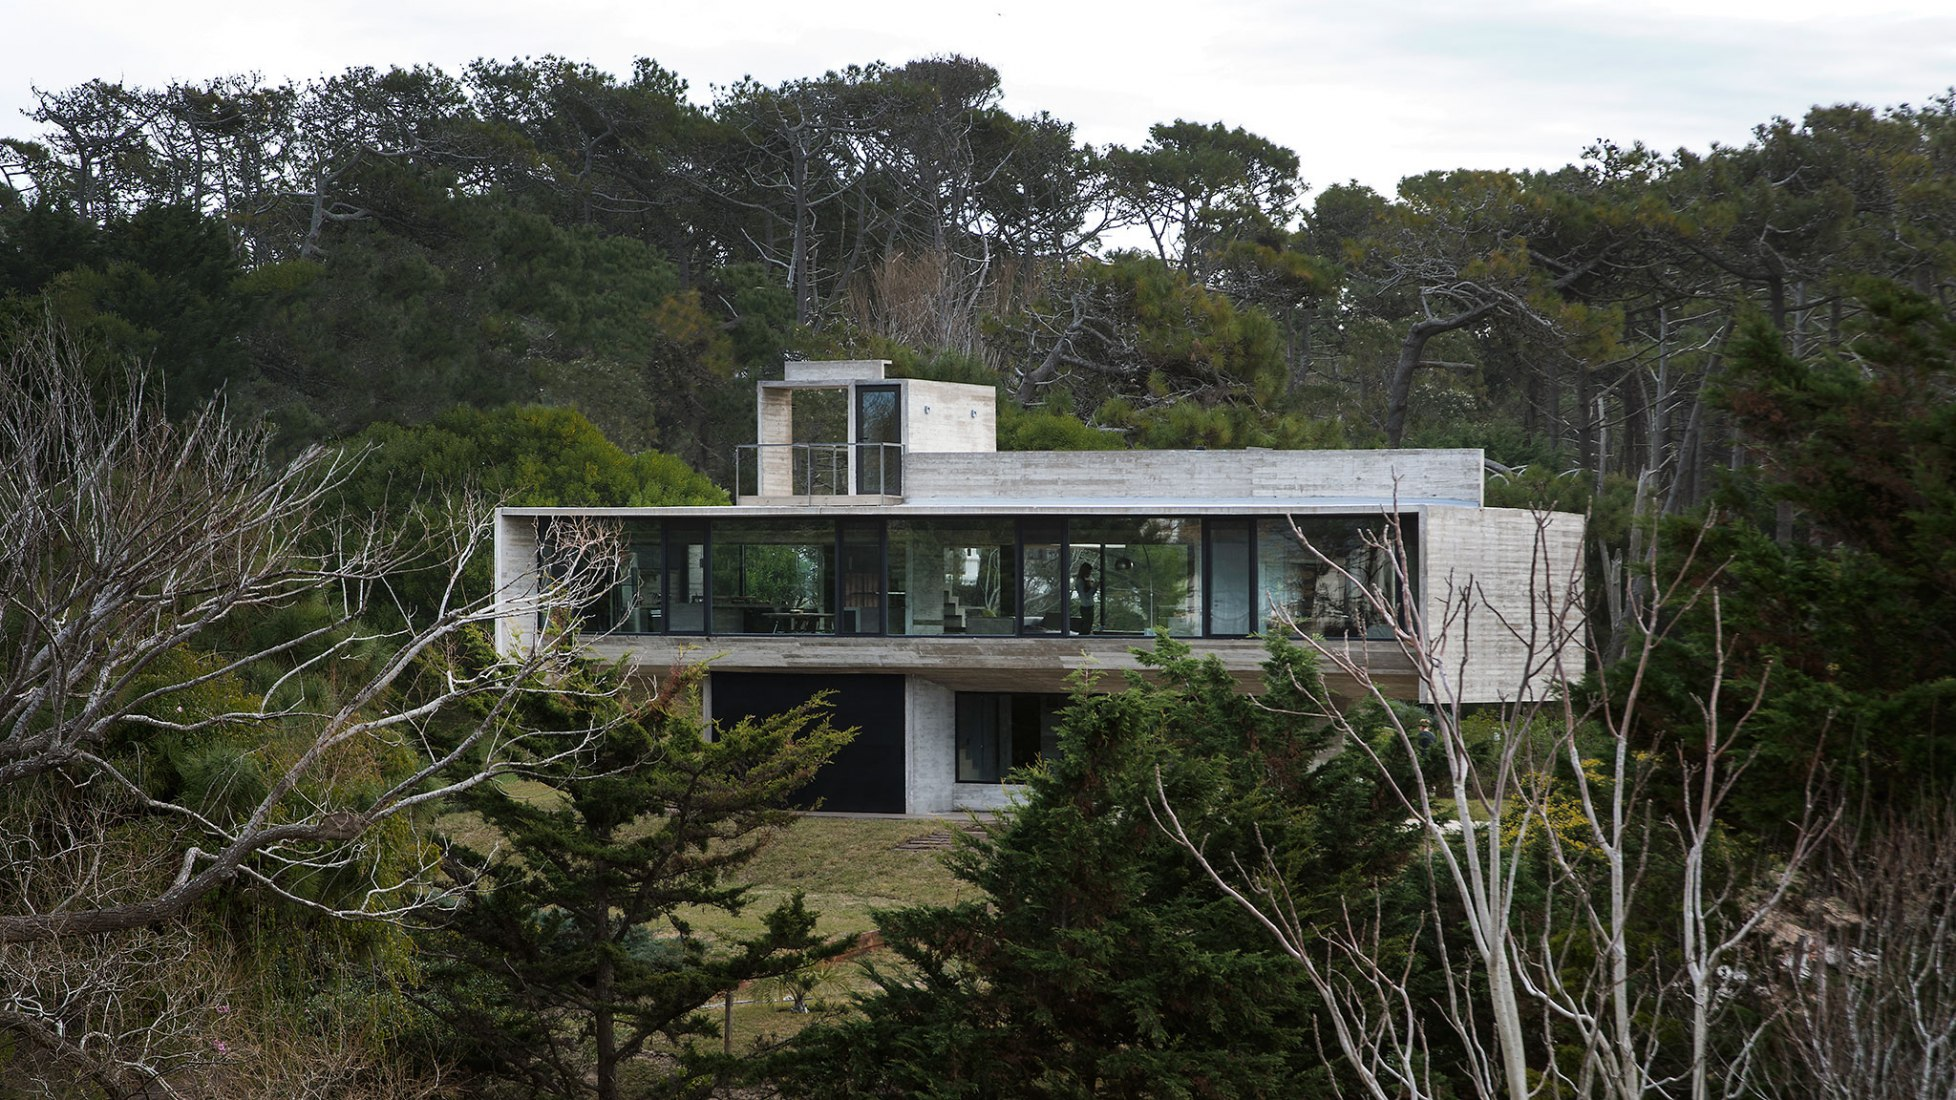 Casa Cariló por Luciano Kruk. Fotografía por Daniela Mac Adden